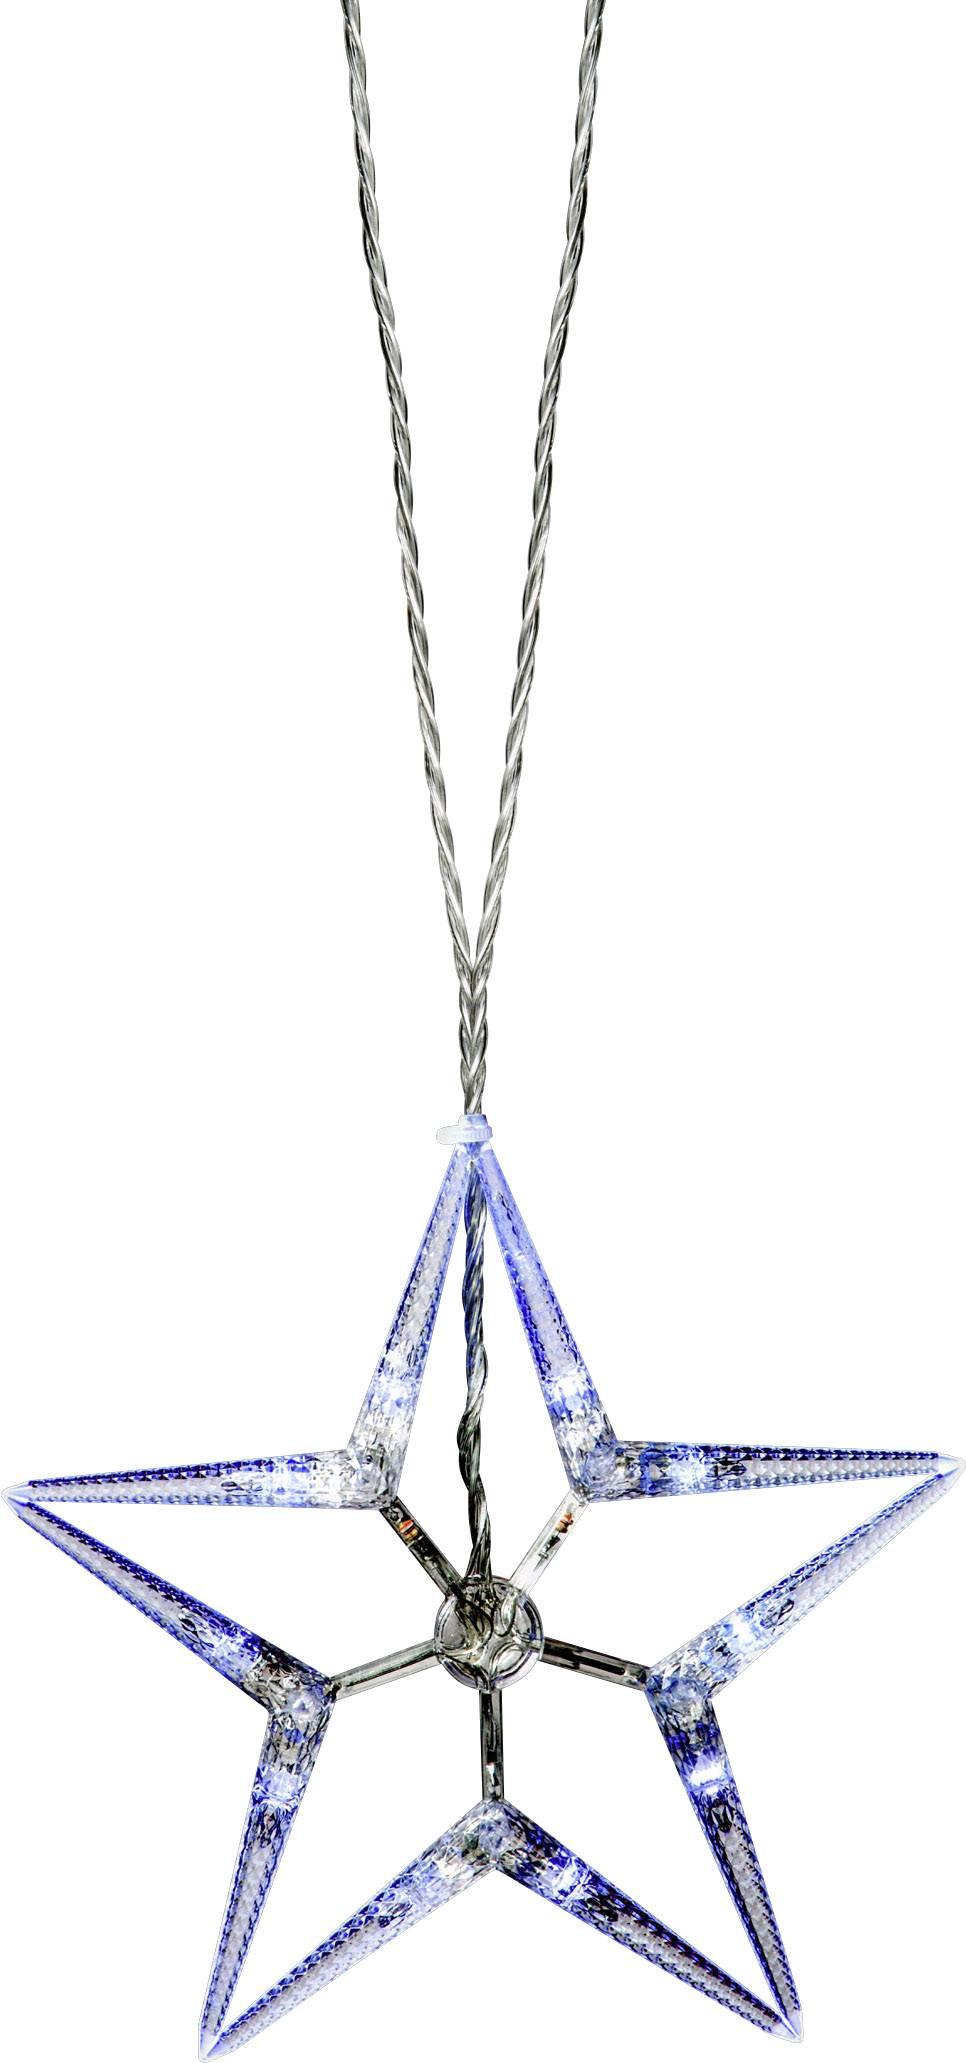 Venkovní LED řetěz Polarlite PNL-01-003, 80 LED, do sítě, hvězda